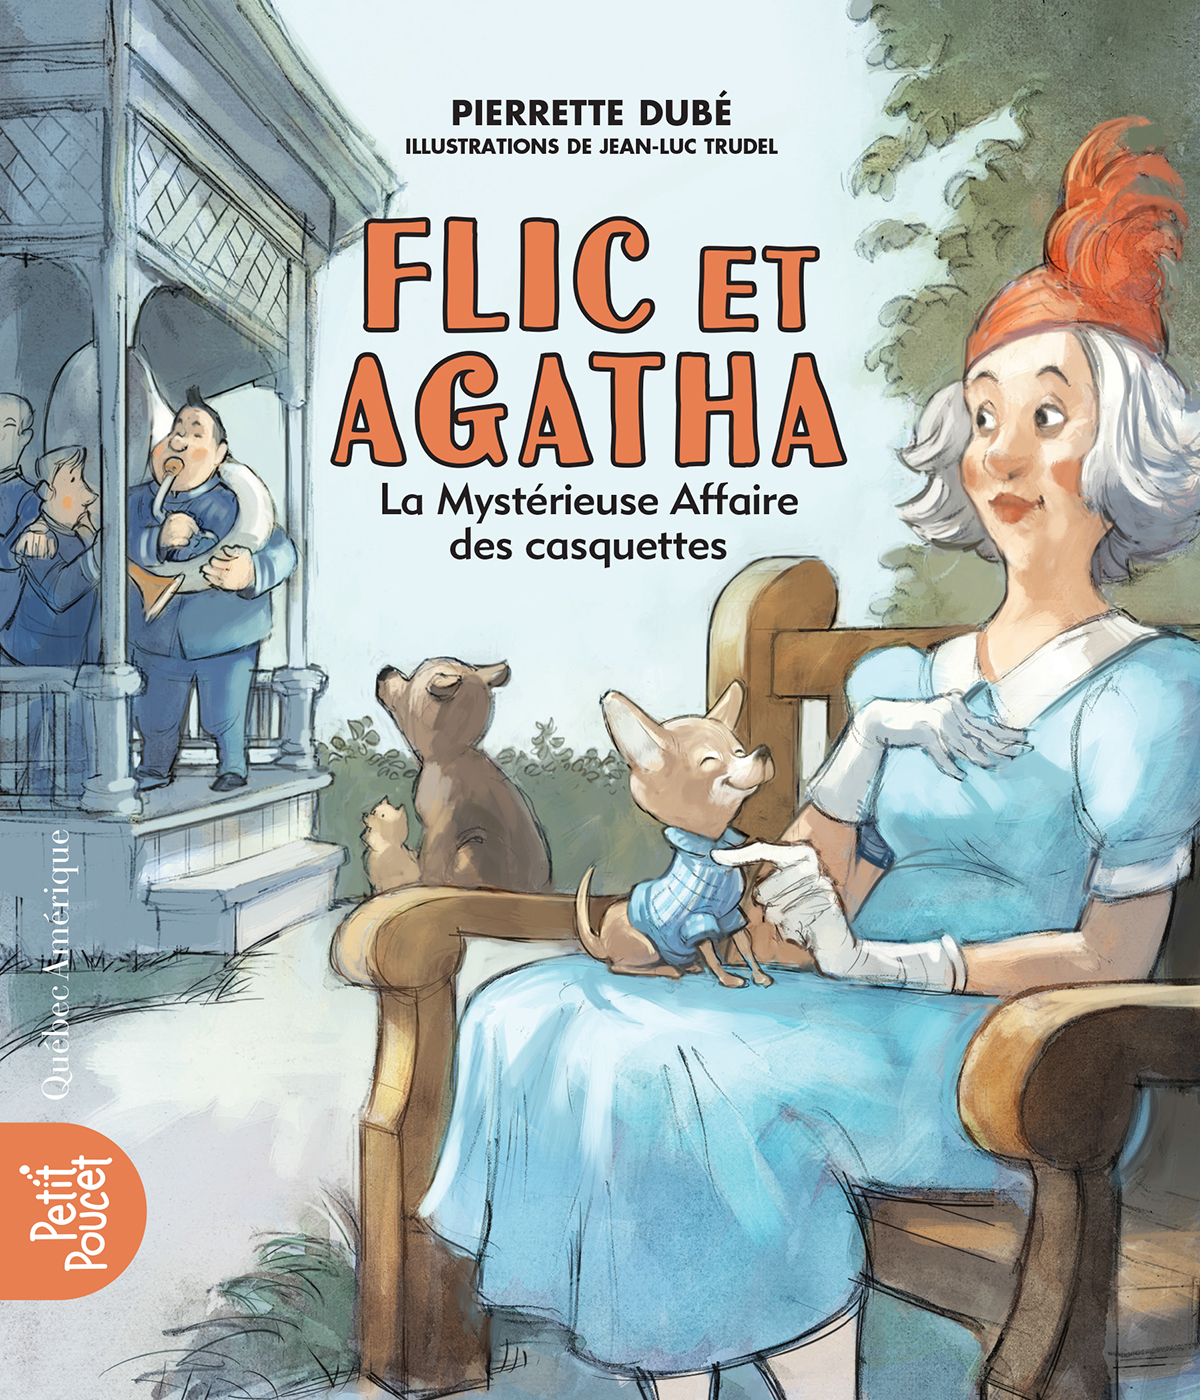 Flic et Agatha - La Mystérieuse Affaire des casquettes